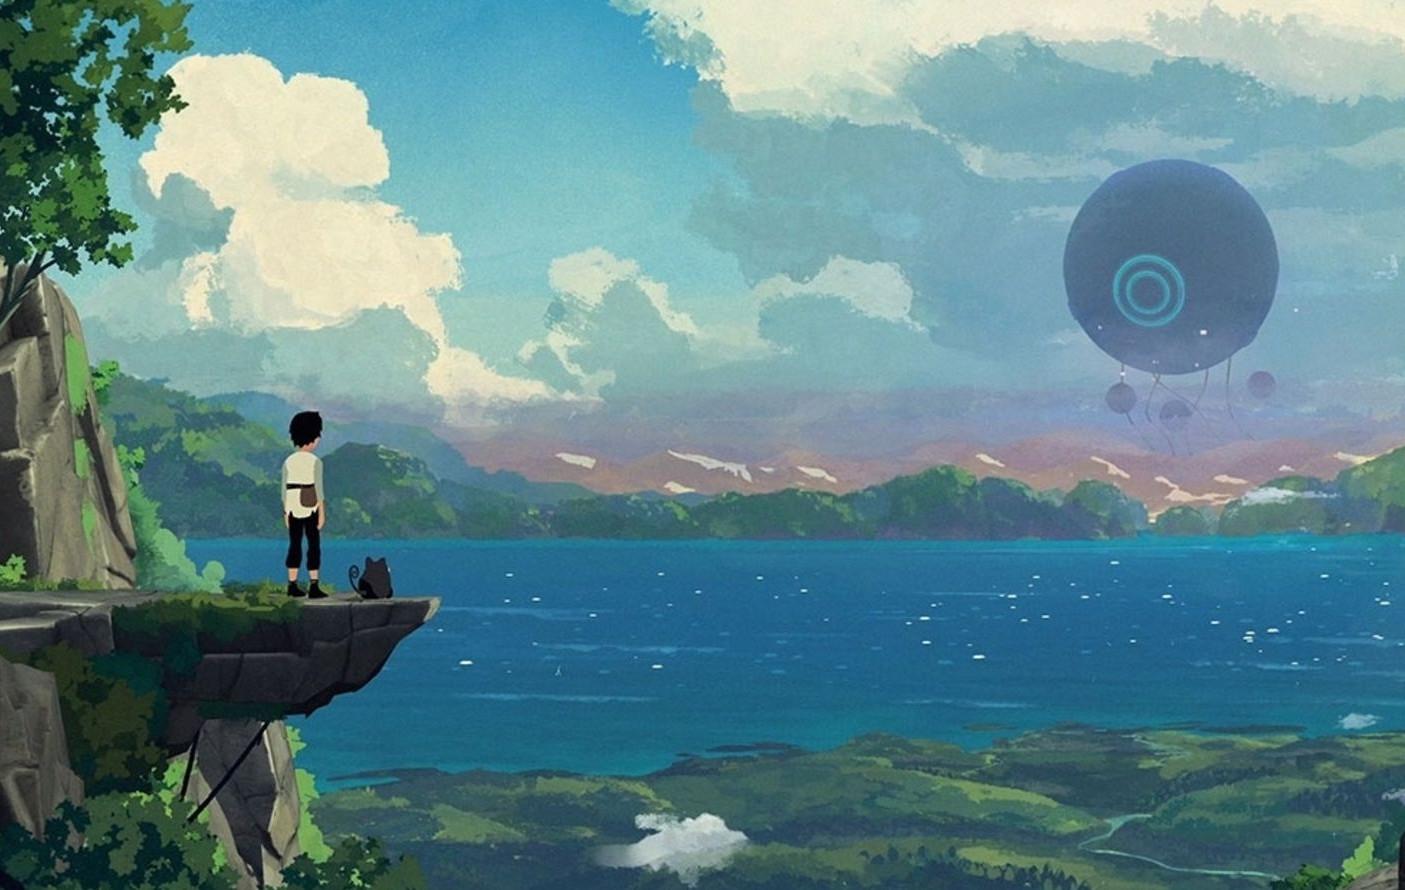 Game image Planet of Lana